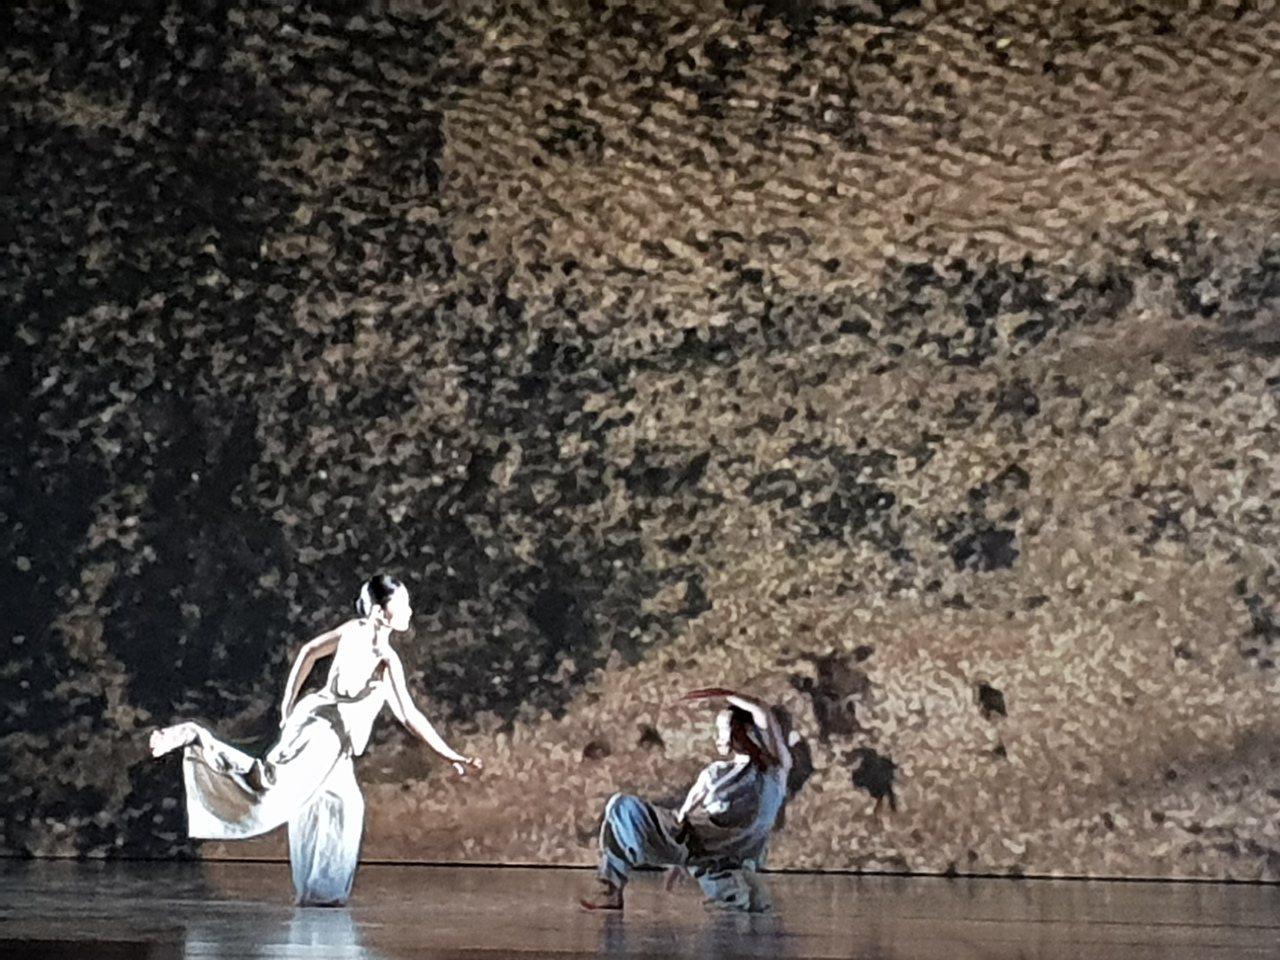 林懷民年底退休前展演的最後一支舞作「秋水」,彷彿對似水流年的致敬與嘆息。記者陳宛...